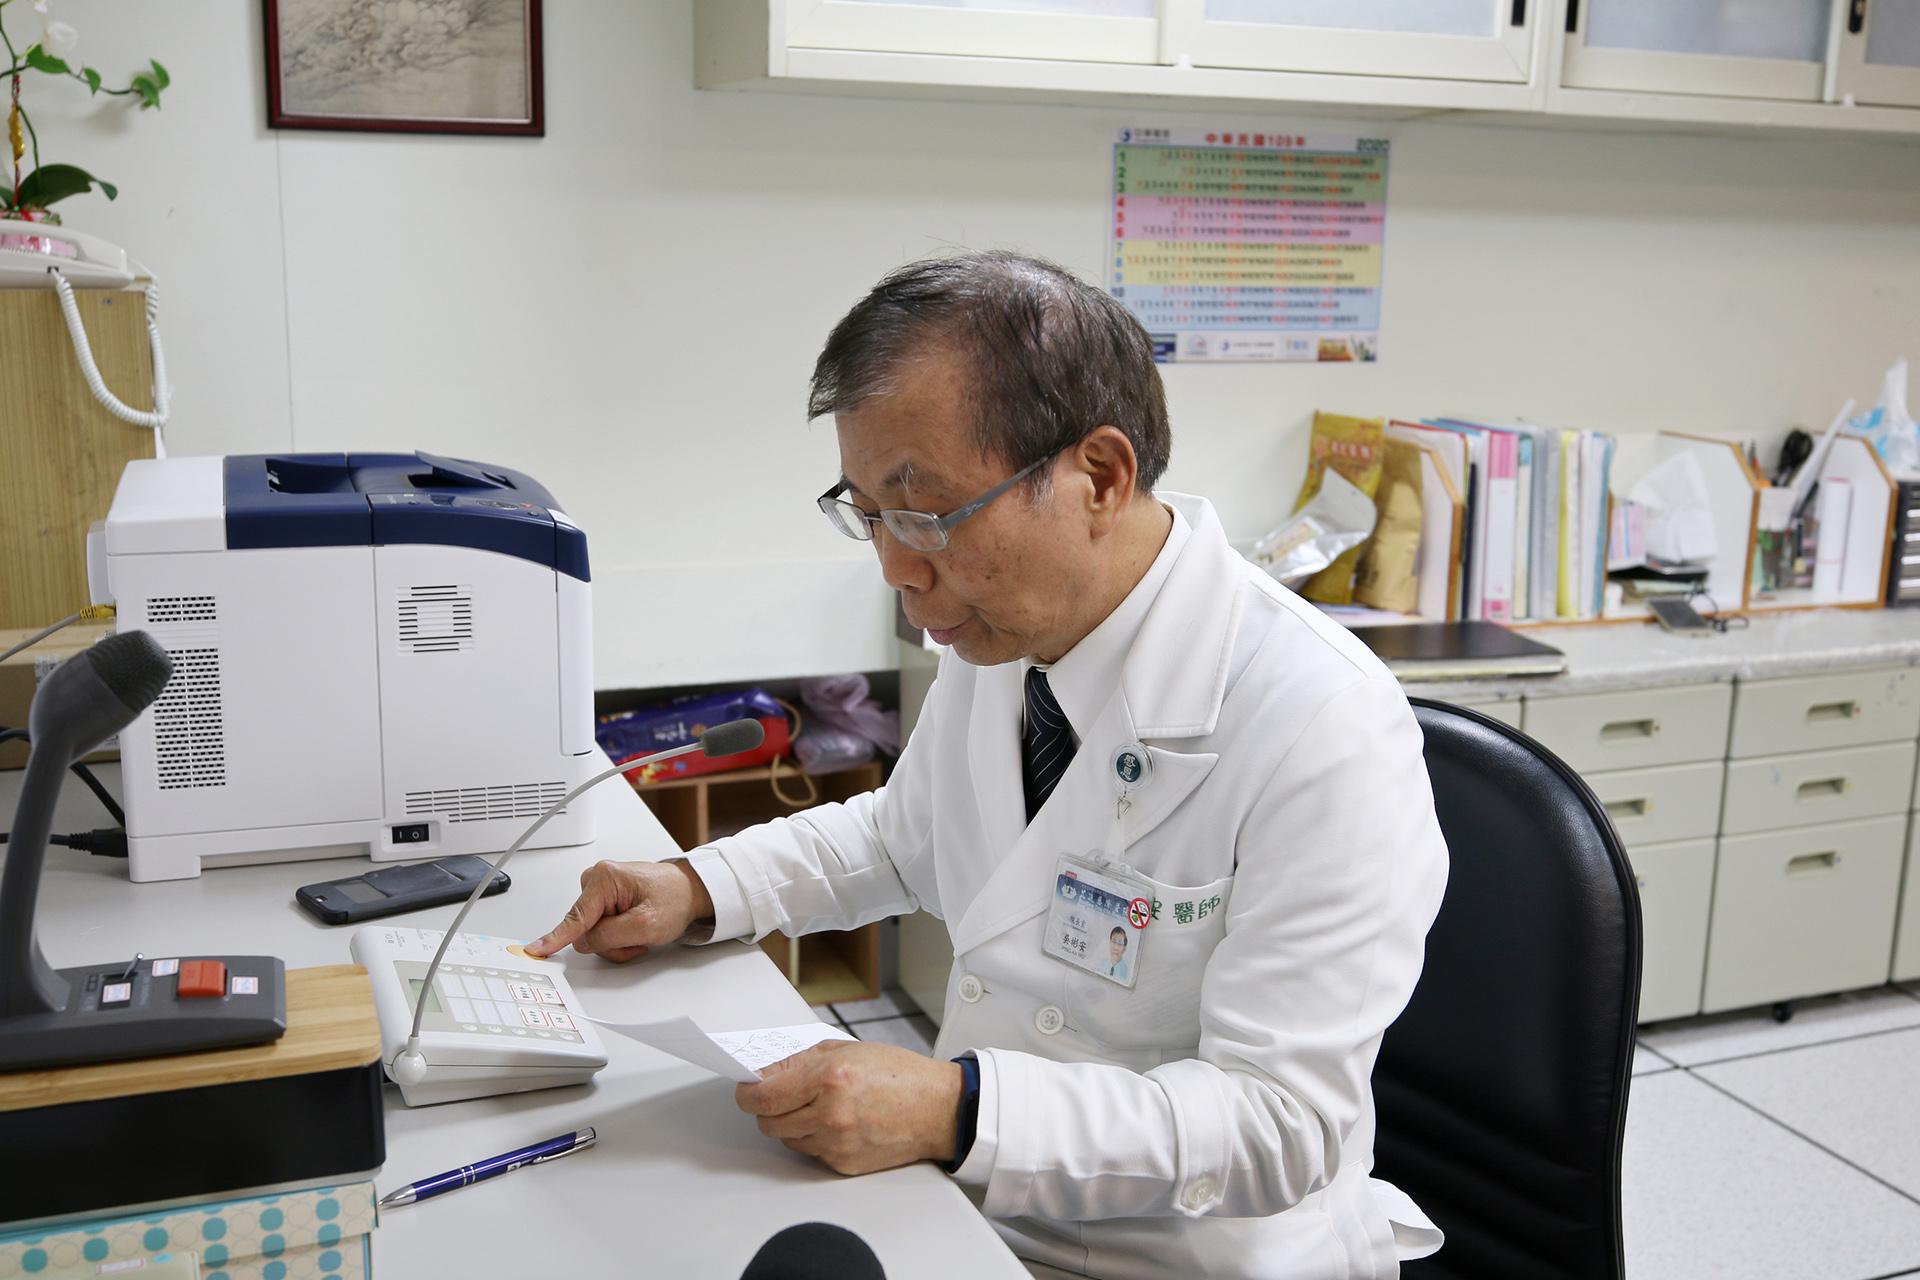 花蓮慈院副院長吳彬安,透過全院廣播系統,邀約醫院同仁、志工與民眾一起發揮大愛精神,挽袖捐血。